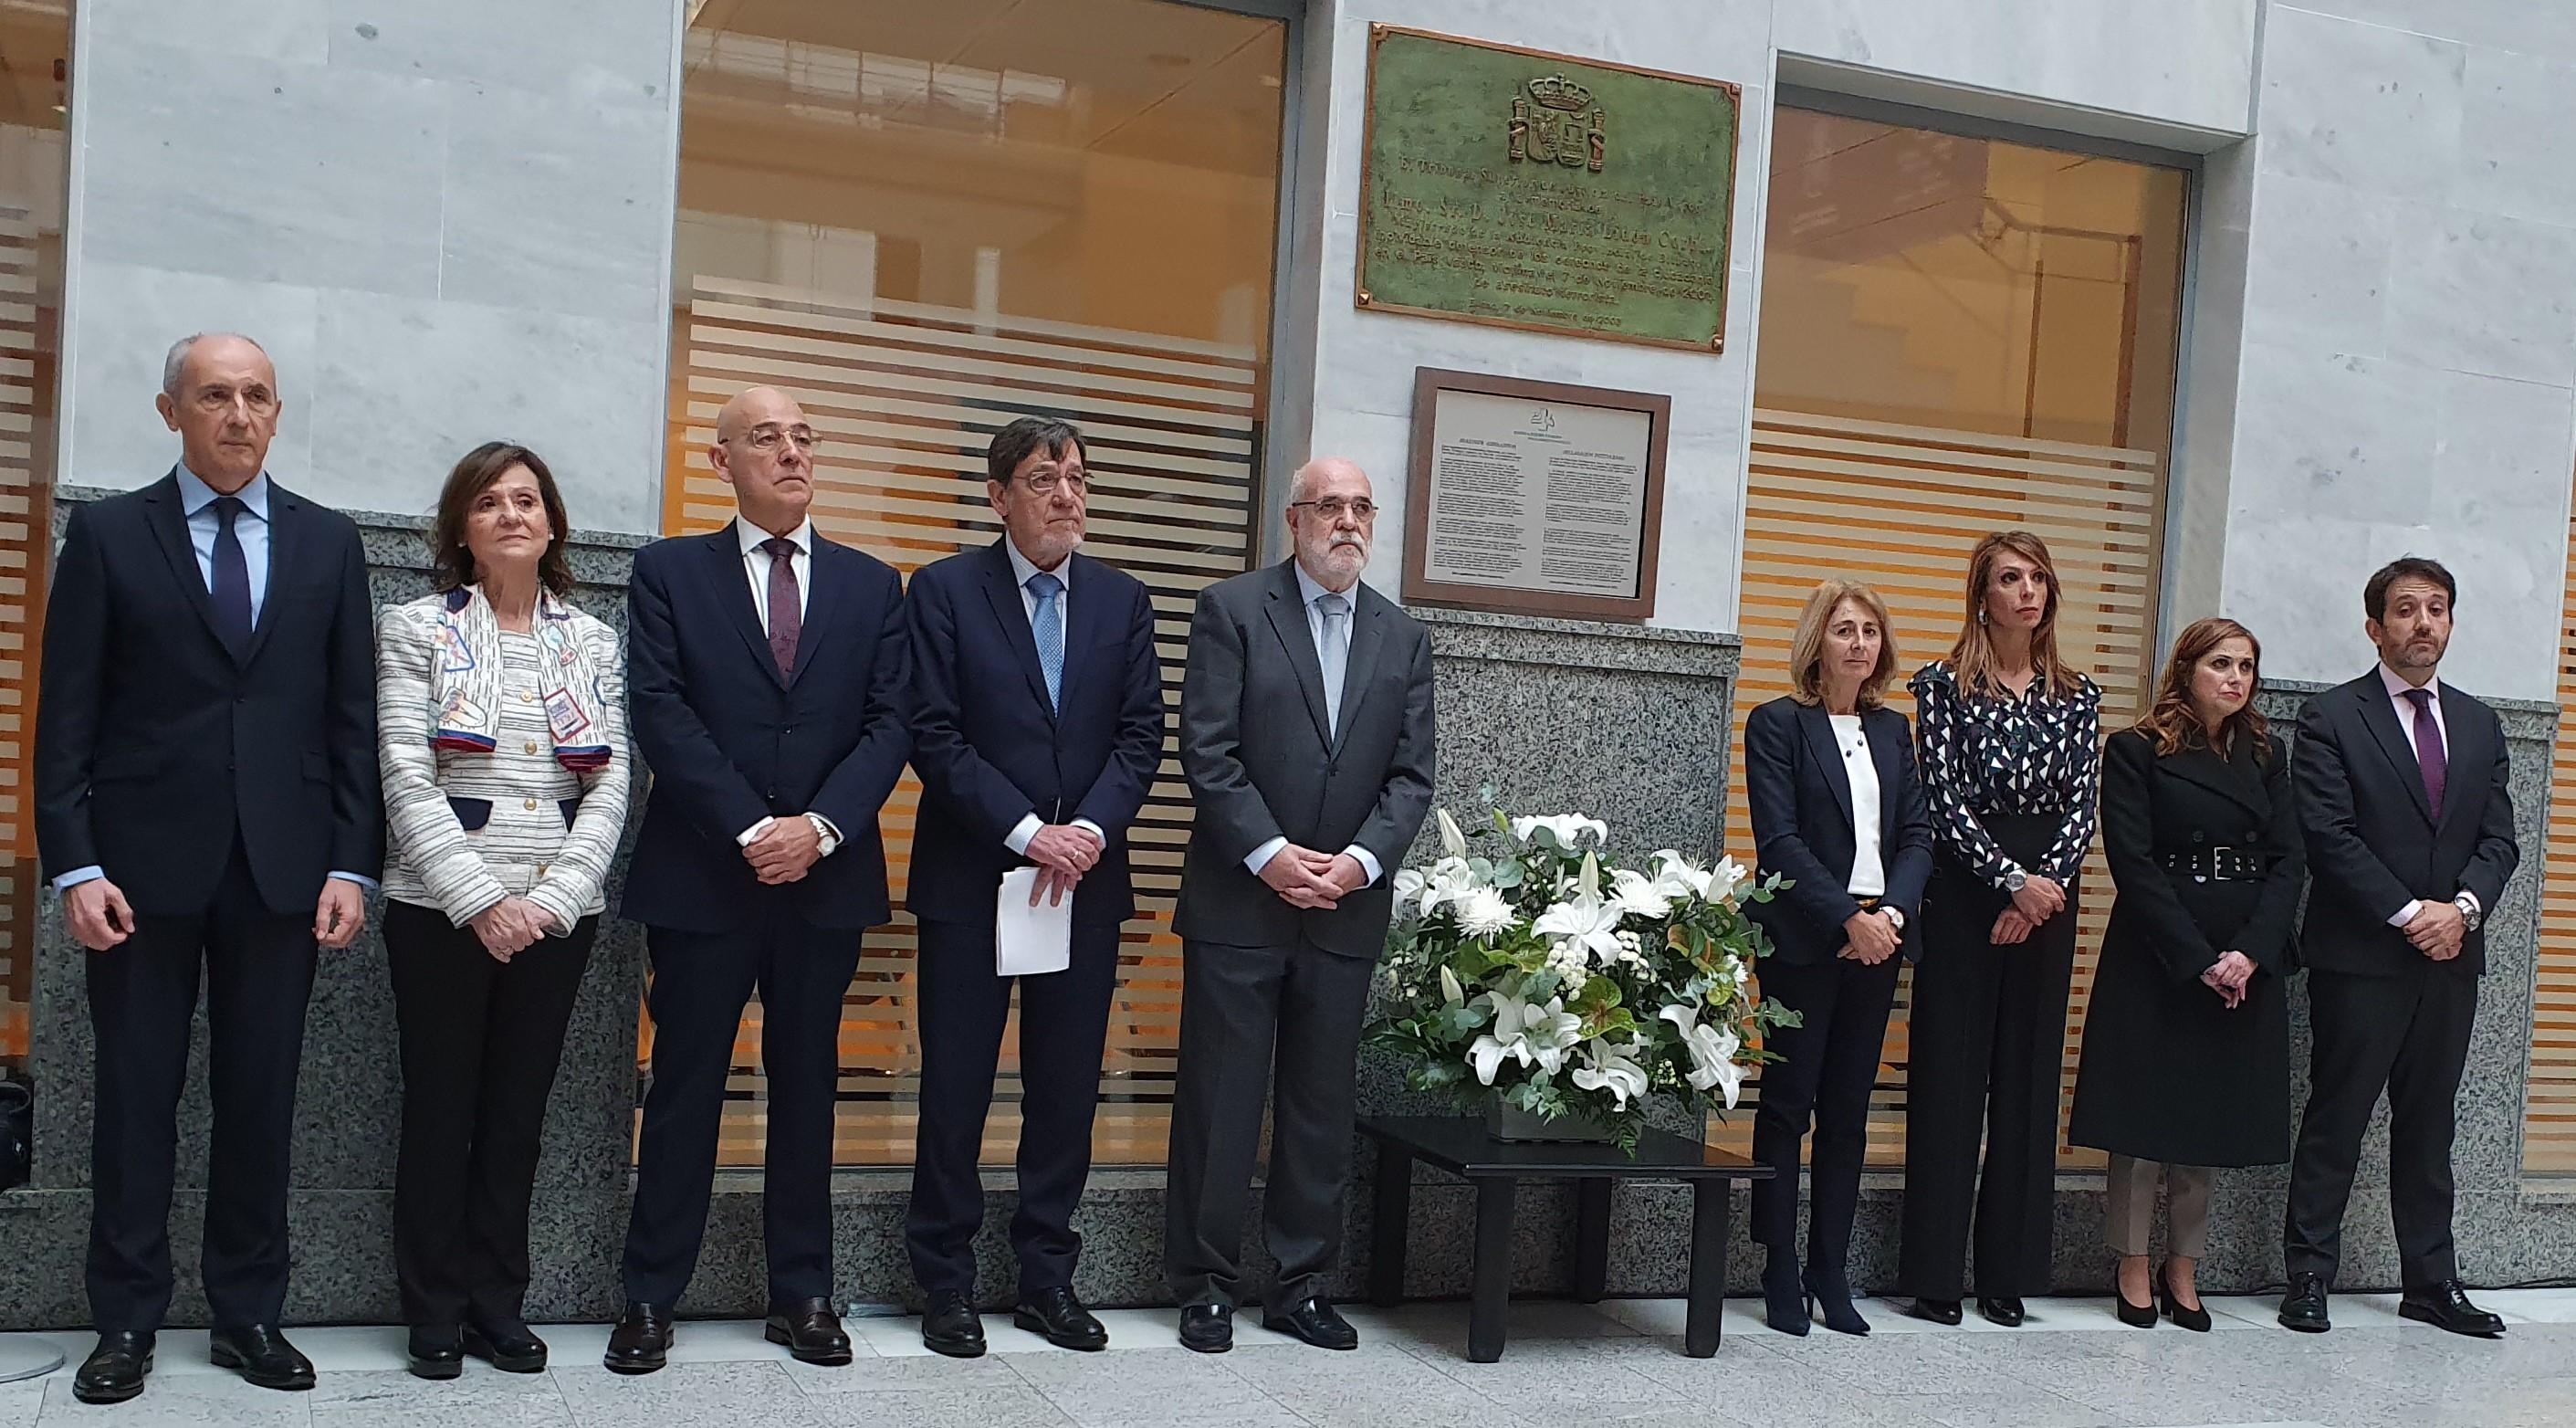 El Gobierno Vasco asiste al acto en recuerdo de José María Lidón cuando se cumplen 18 años del asesinato del magistrado